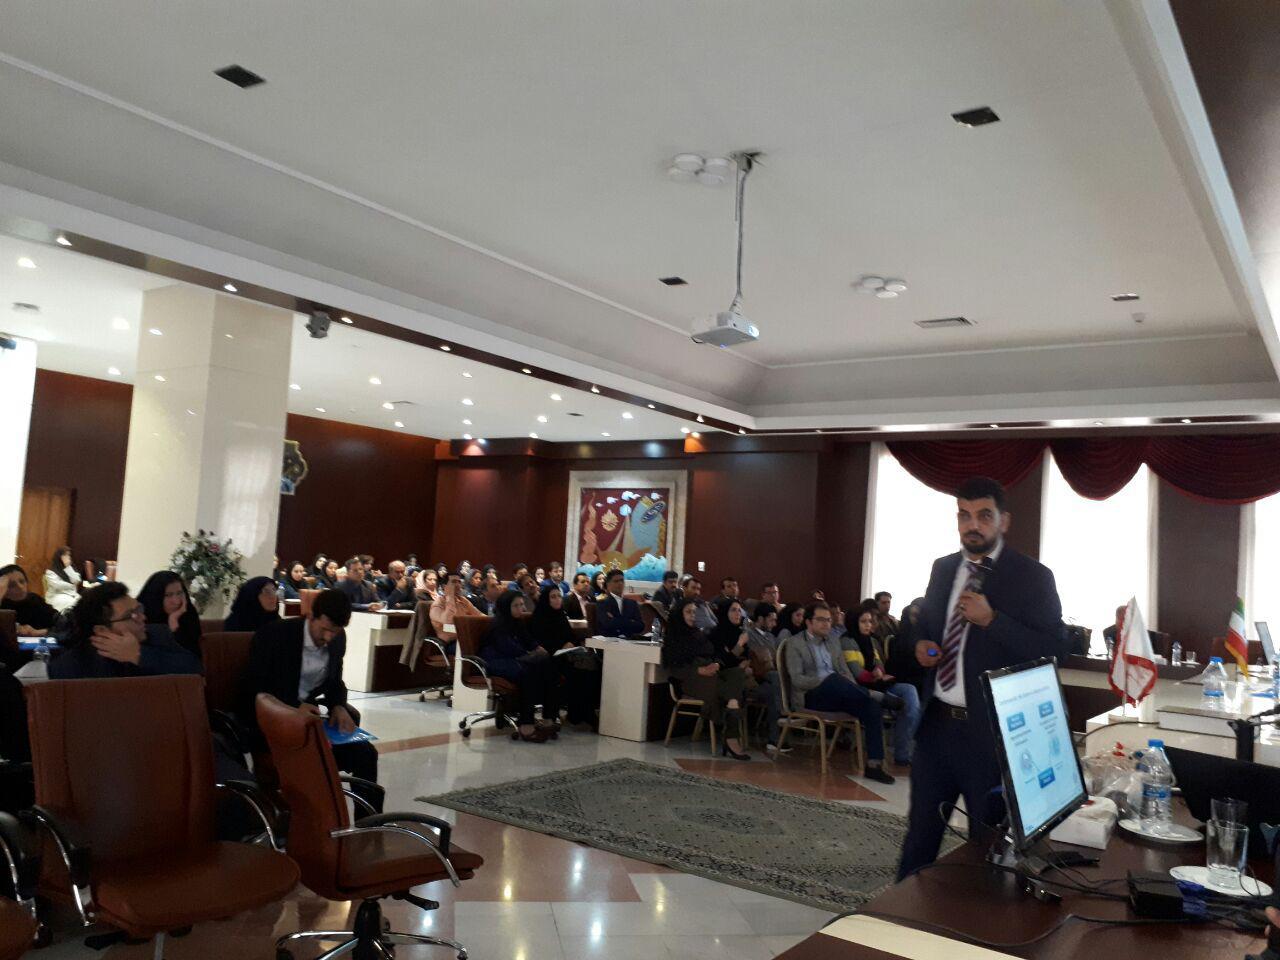 برگزاری سمینار آموزش پرستاری دستگاه های دیالیز  4008s Classic فرزنیوس در مشهد 18